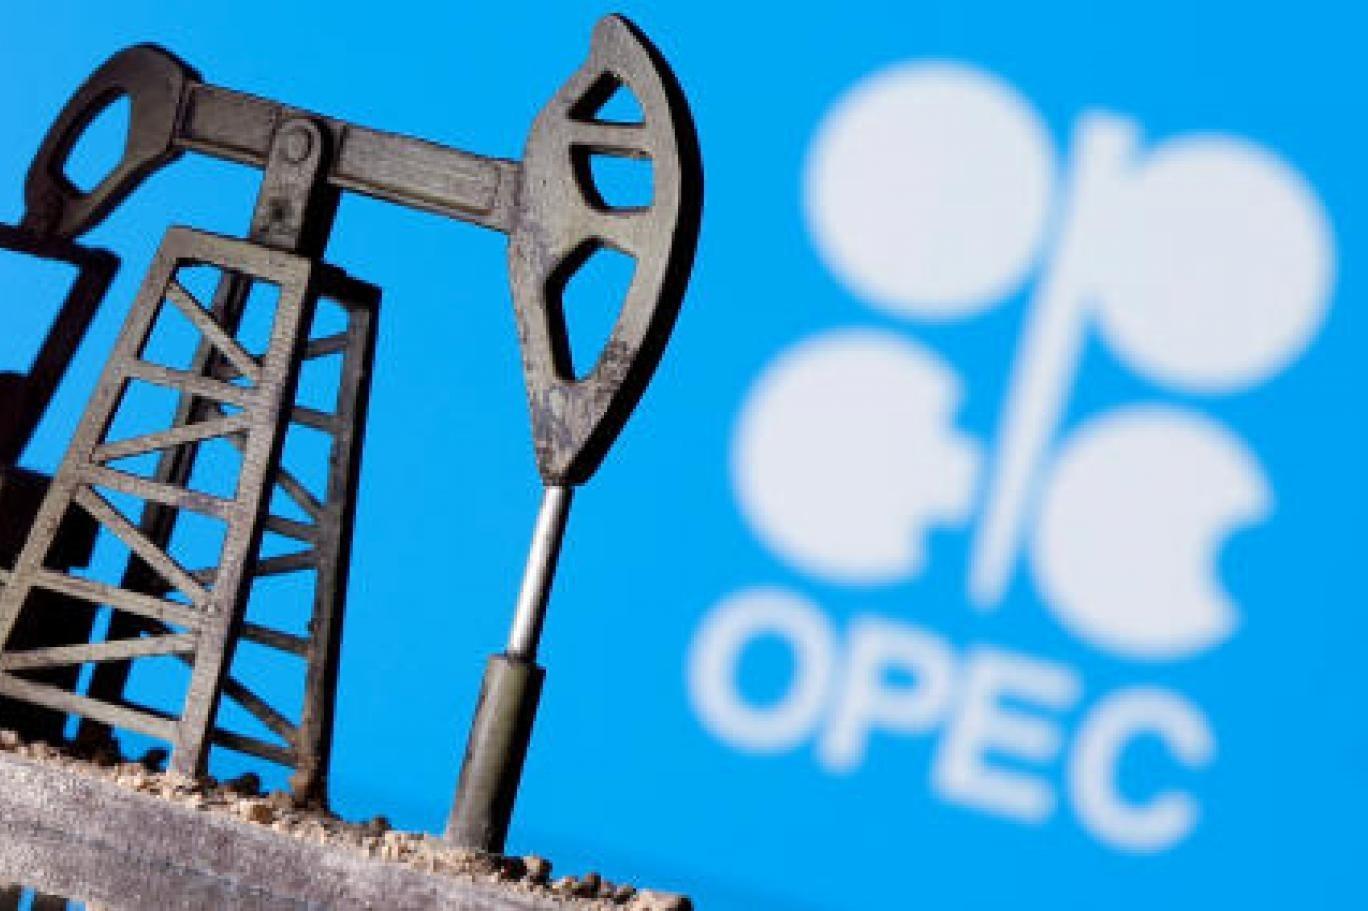 أوبك تخفض مجدداً توقعاتها للطلب العالمي على النفط بسبب كورونا